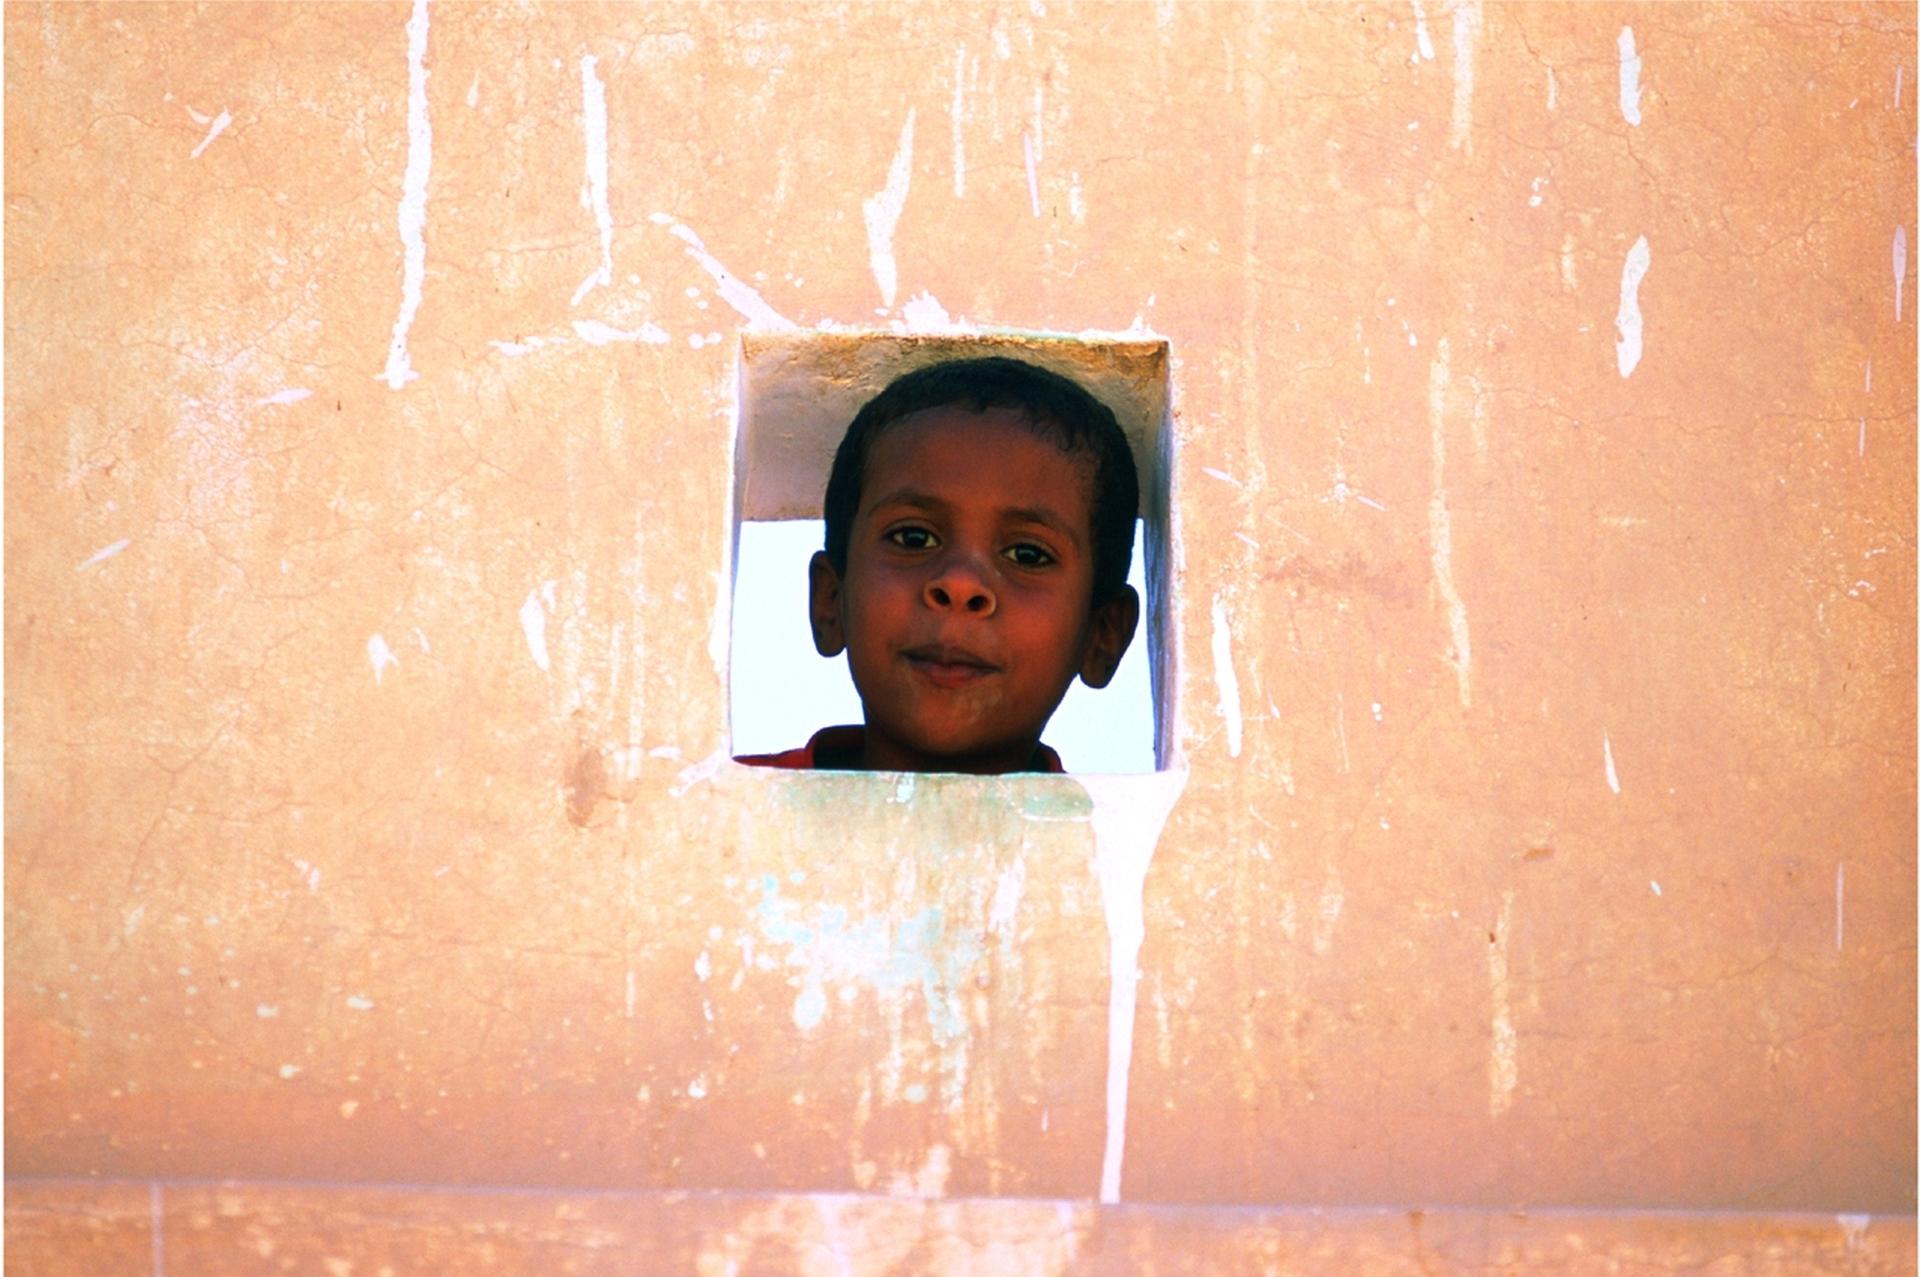 Yemen 2003 # 04